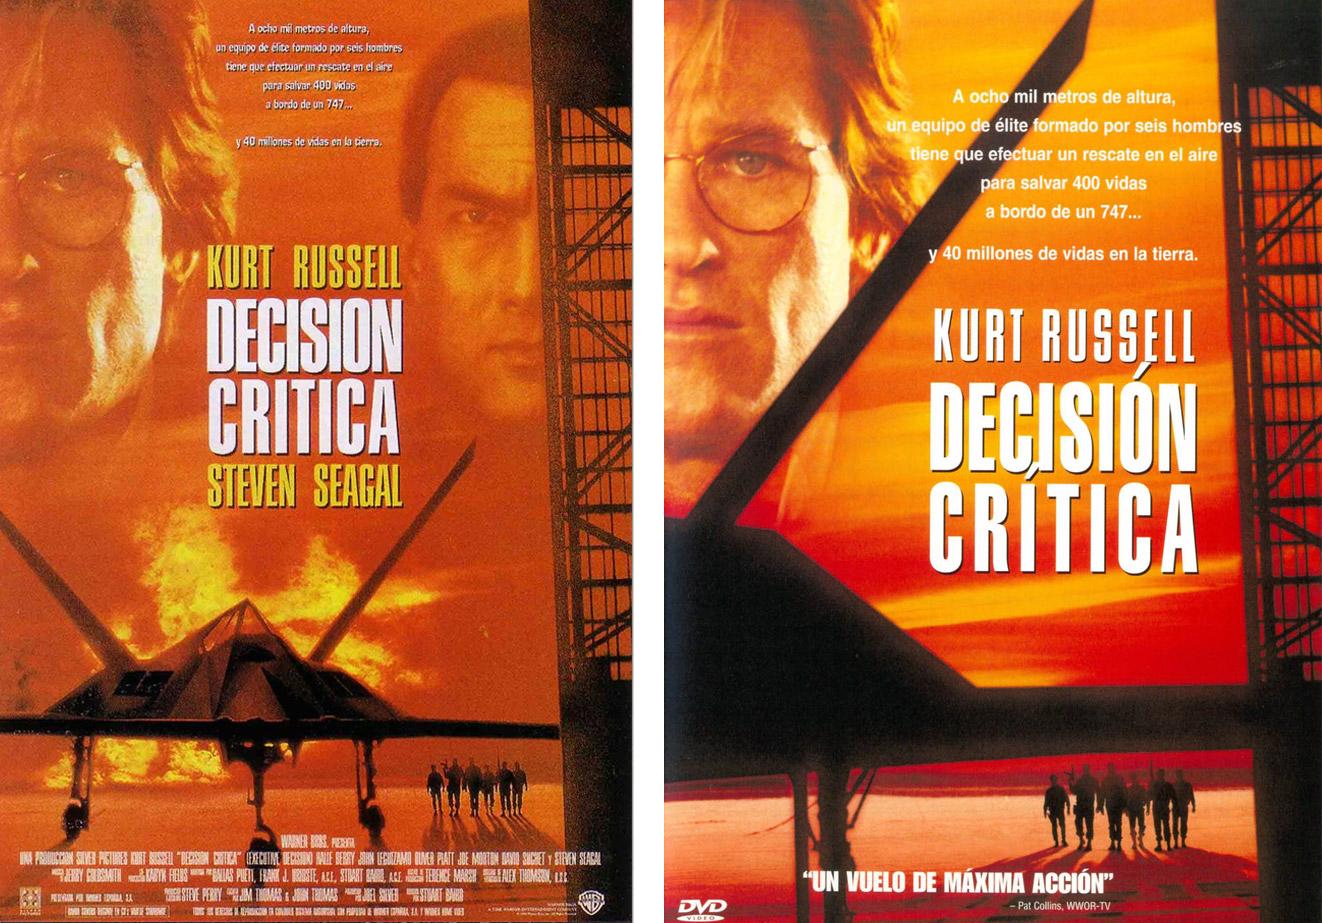 A la izquierda, el cartel que lanzaron para el estreno de 'Decisión crítica' y a la derecha, la carátula de su edición en DVD. | Imagen: Warner Bros y Silver Pictures.